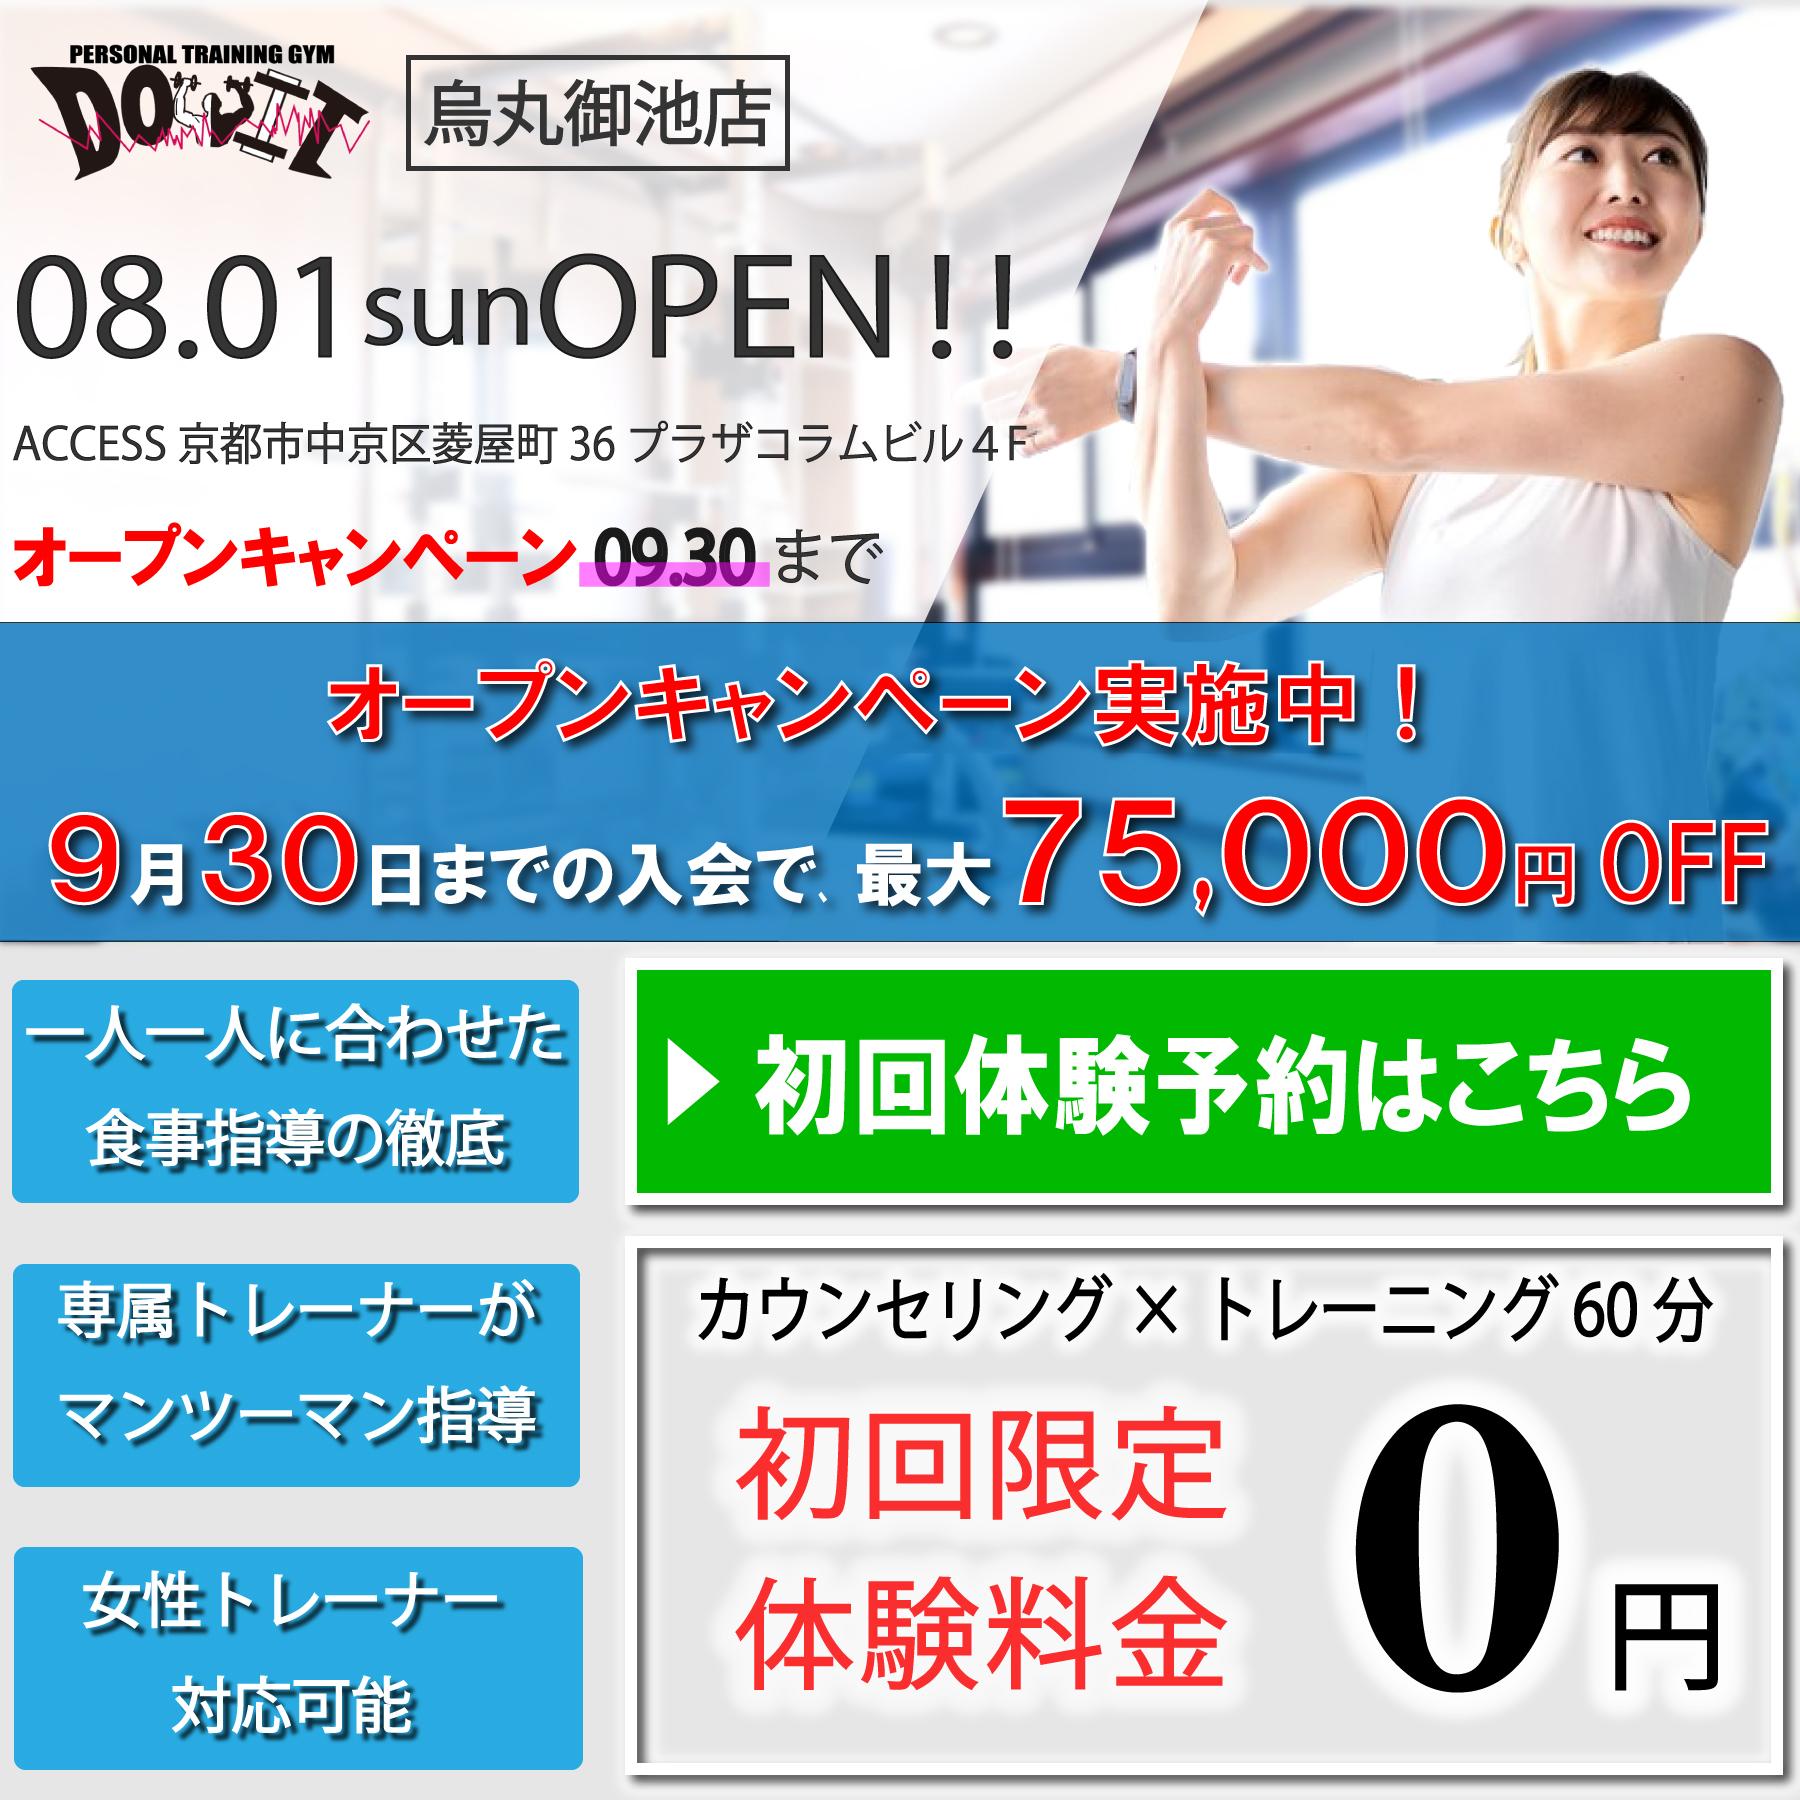 烏丸御池オープンキャンペーン.jpg